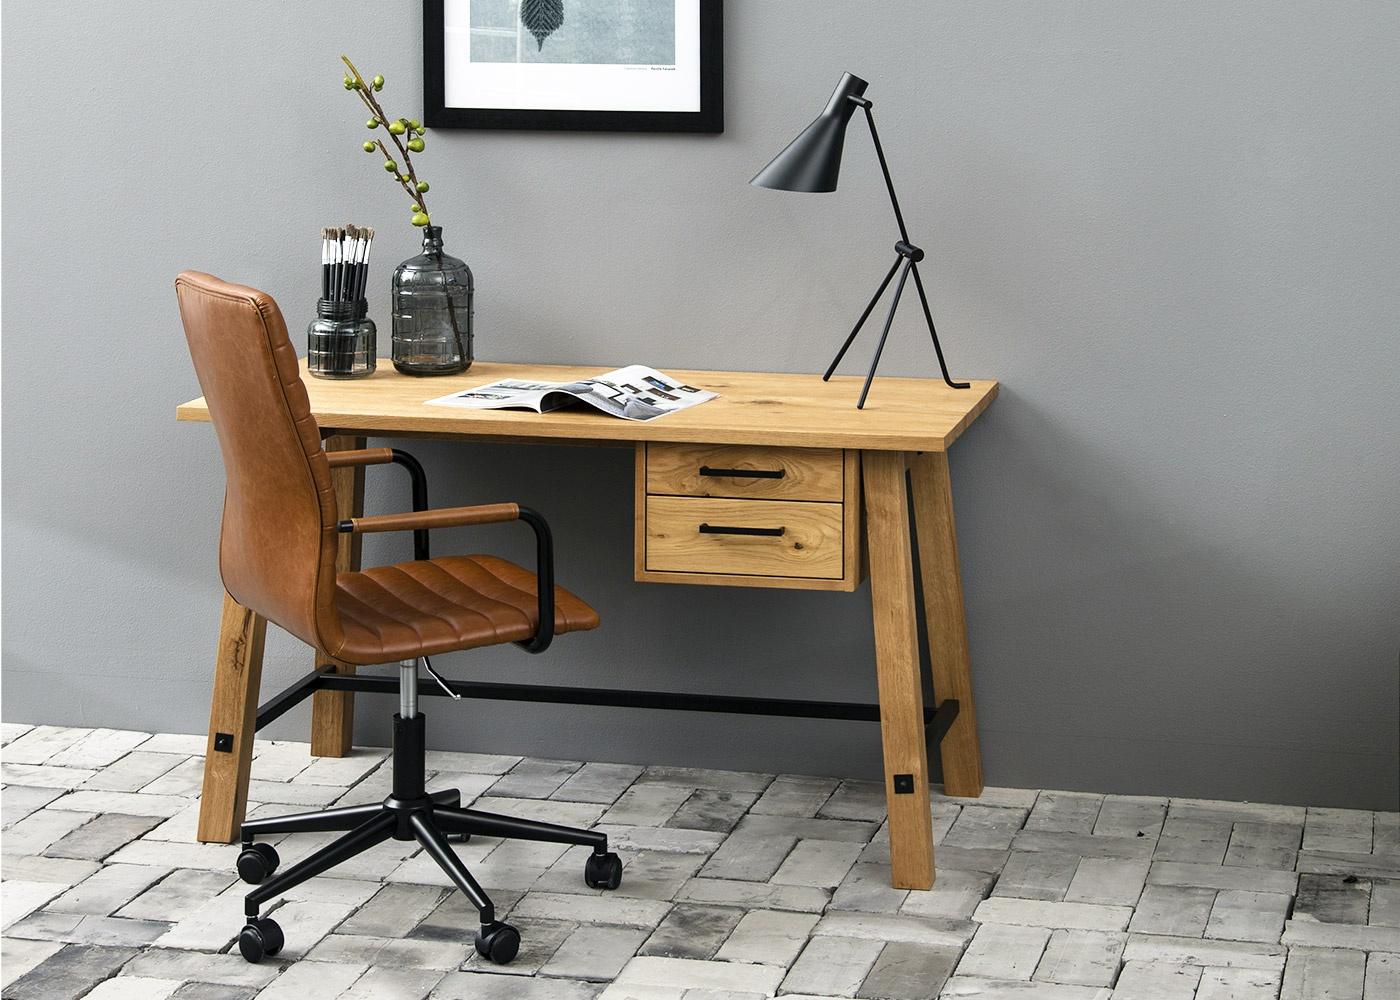 Pracujete z domova? Správný nábytek vám pomůže k lepším výsledkům